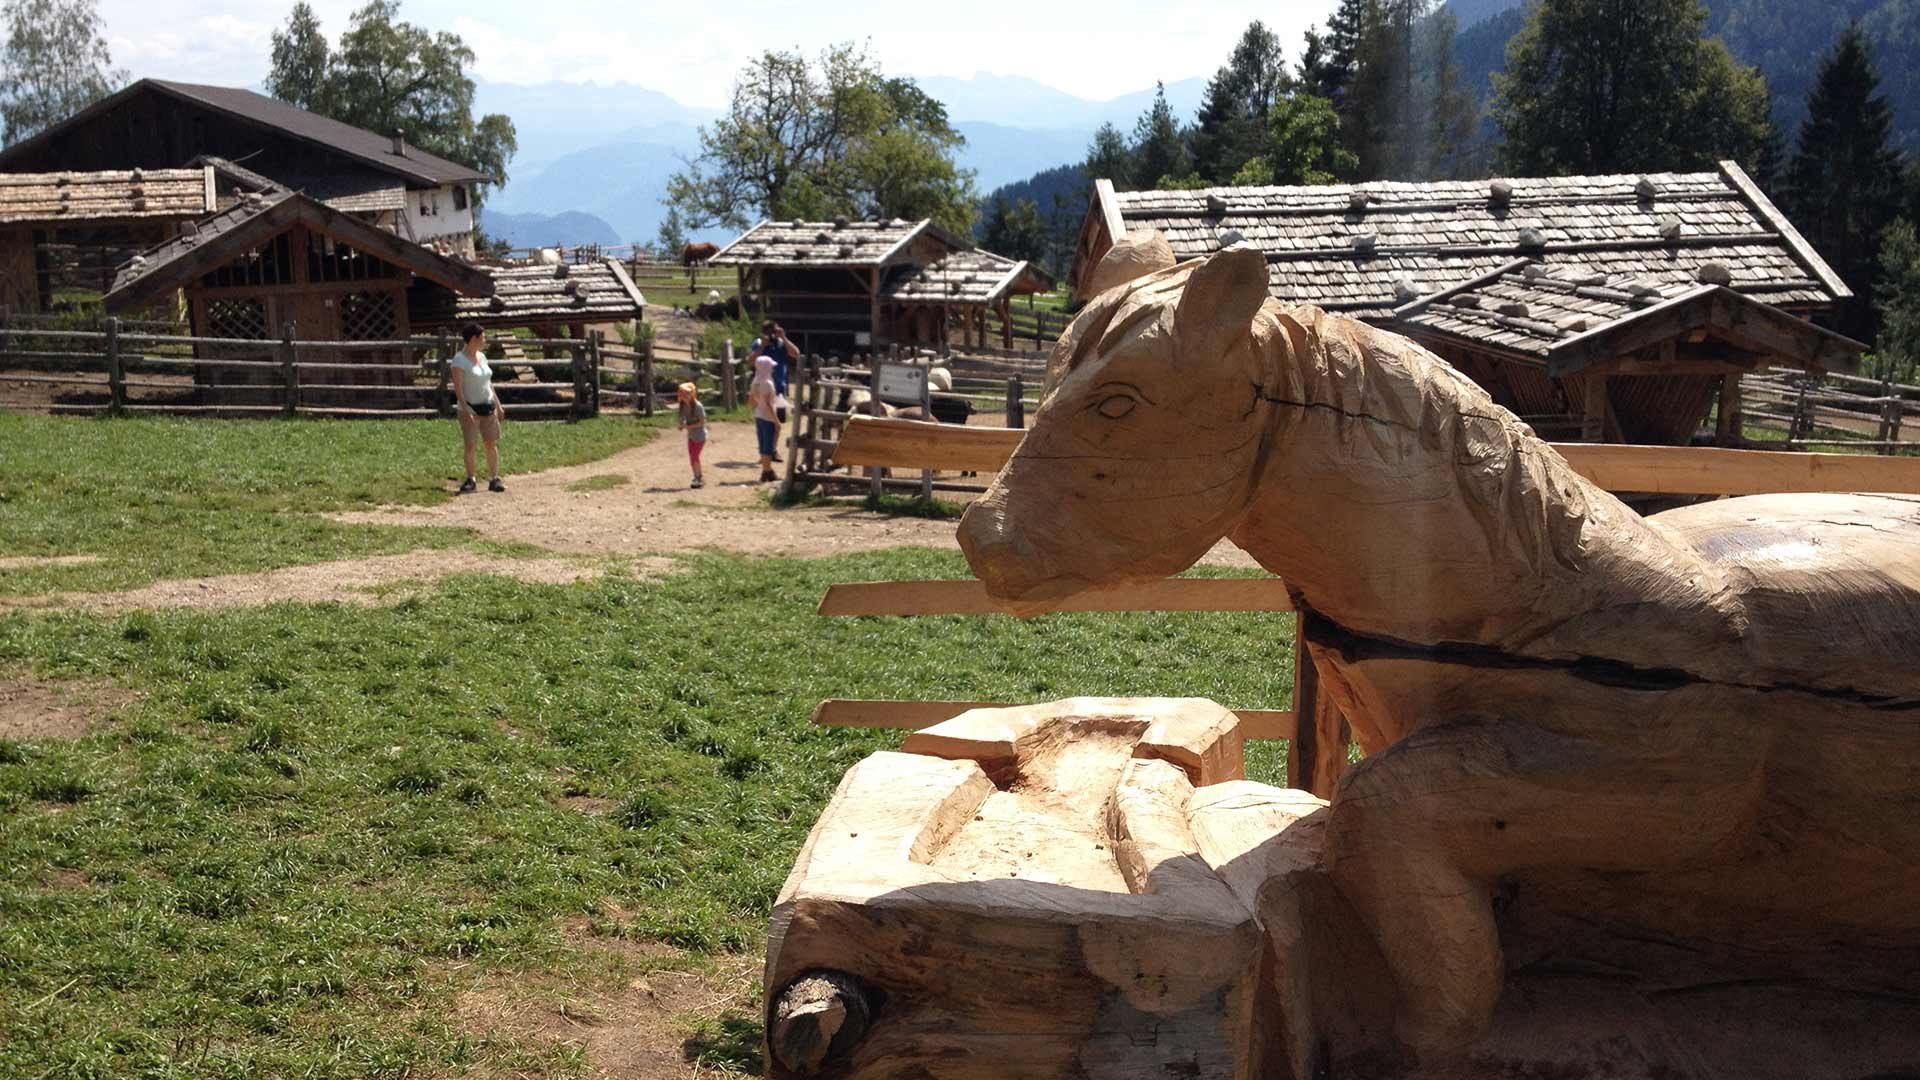 Tierwelt Rainguthof in Gfrill in Südtirol